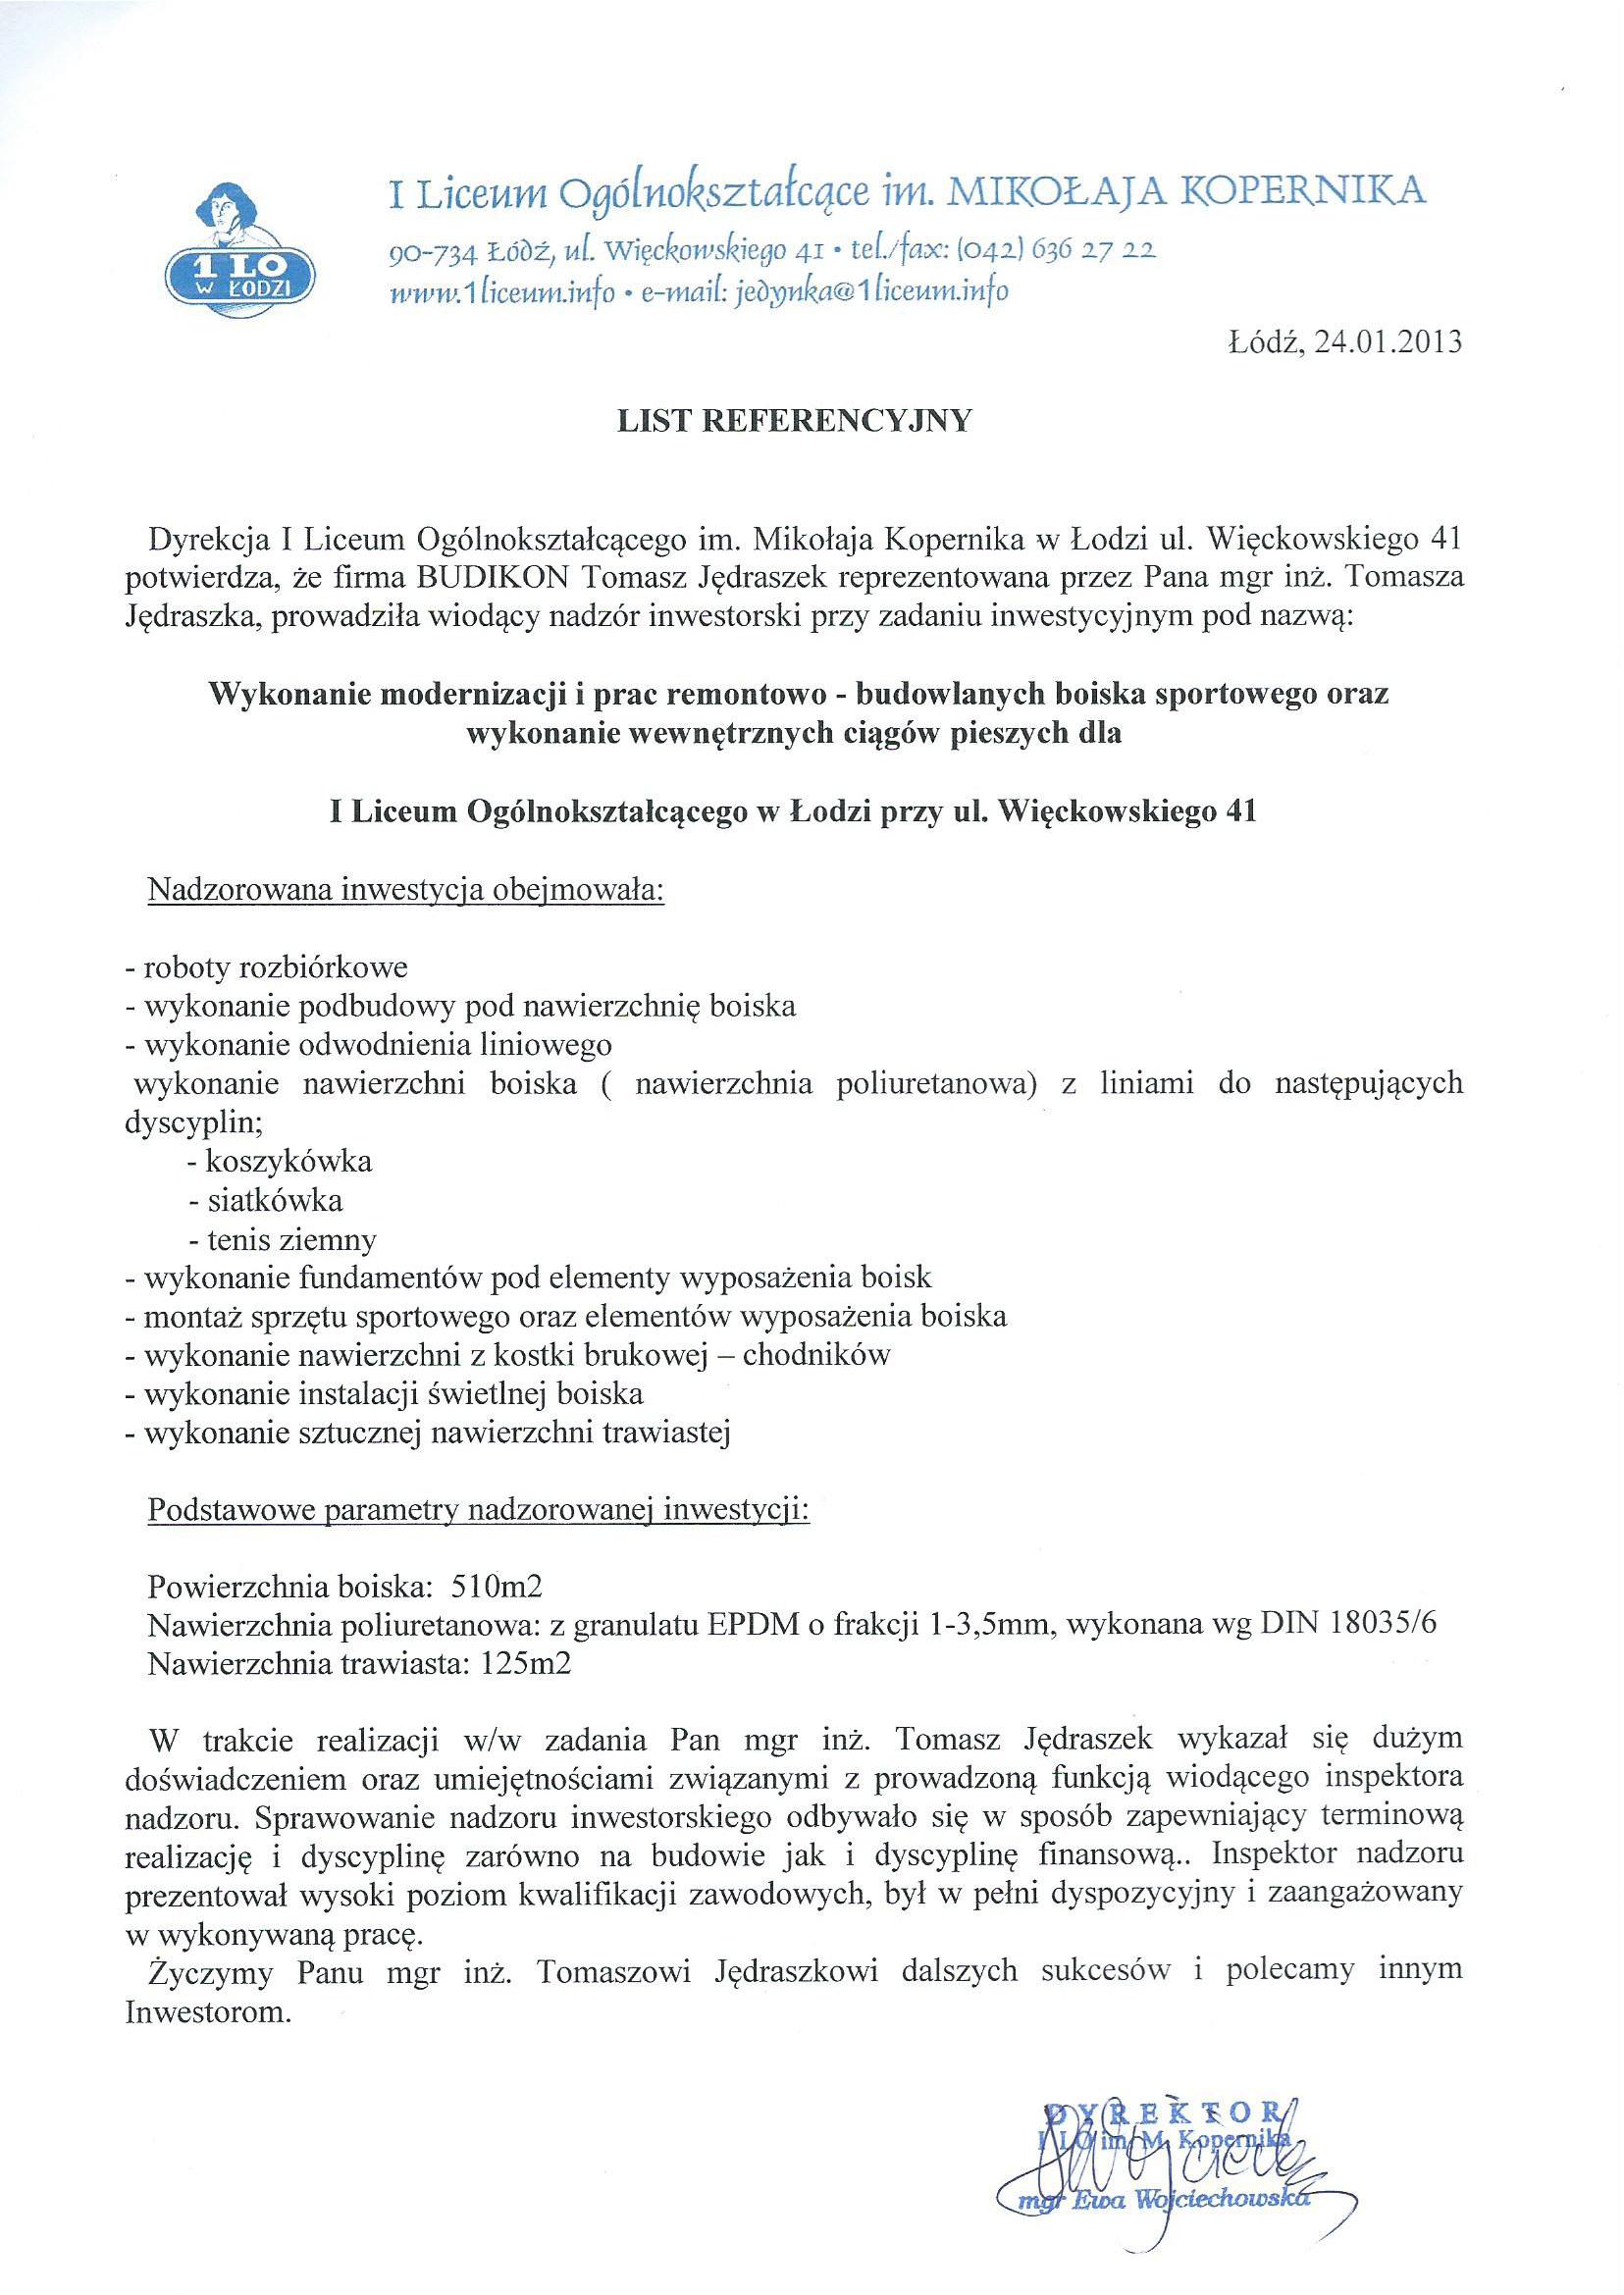 I_LO_im._M.KOPERNIKA_tj-1